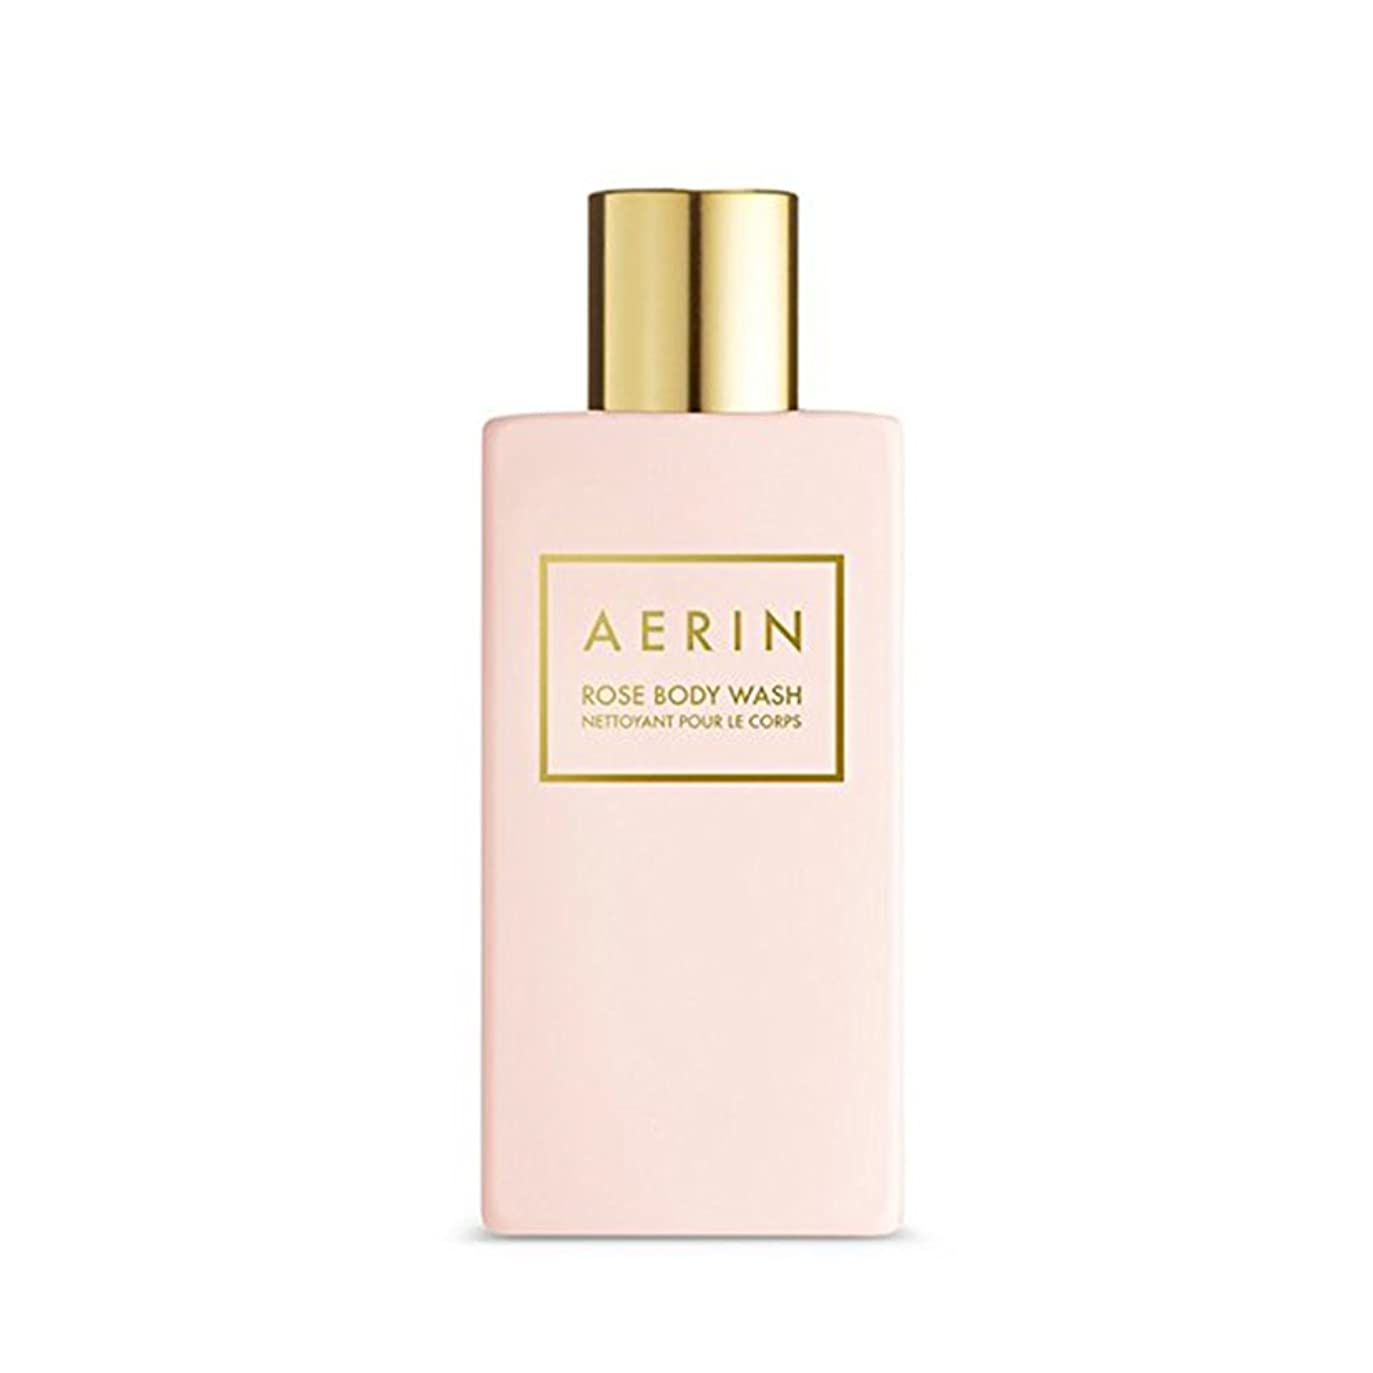 凶暴なマッサージ安いですAERIN Rose Body Wash(アエリン ローズ ボディー ウオッシュ) 7.6 oz (225ml) by Estee Lauder